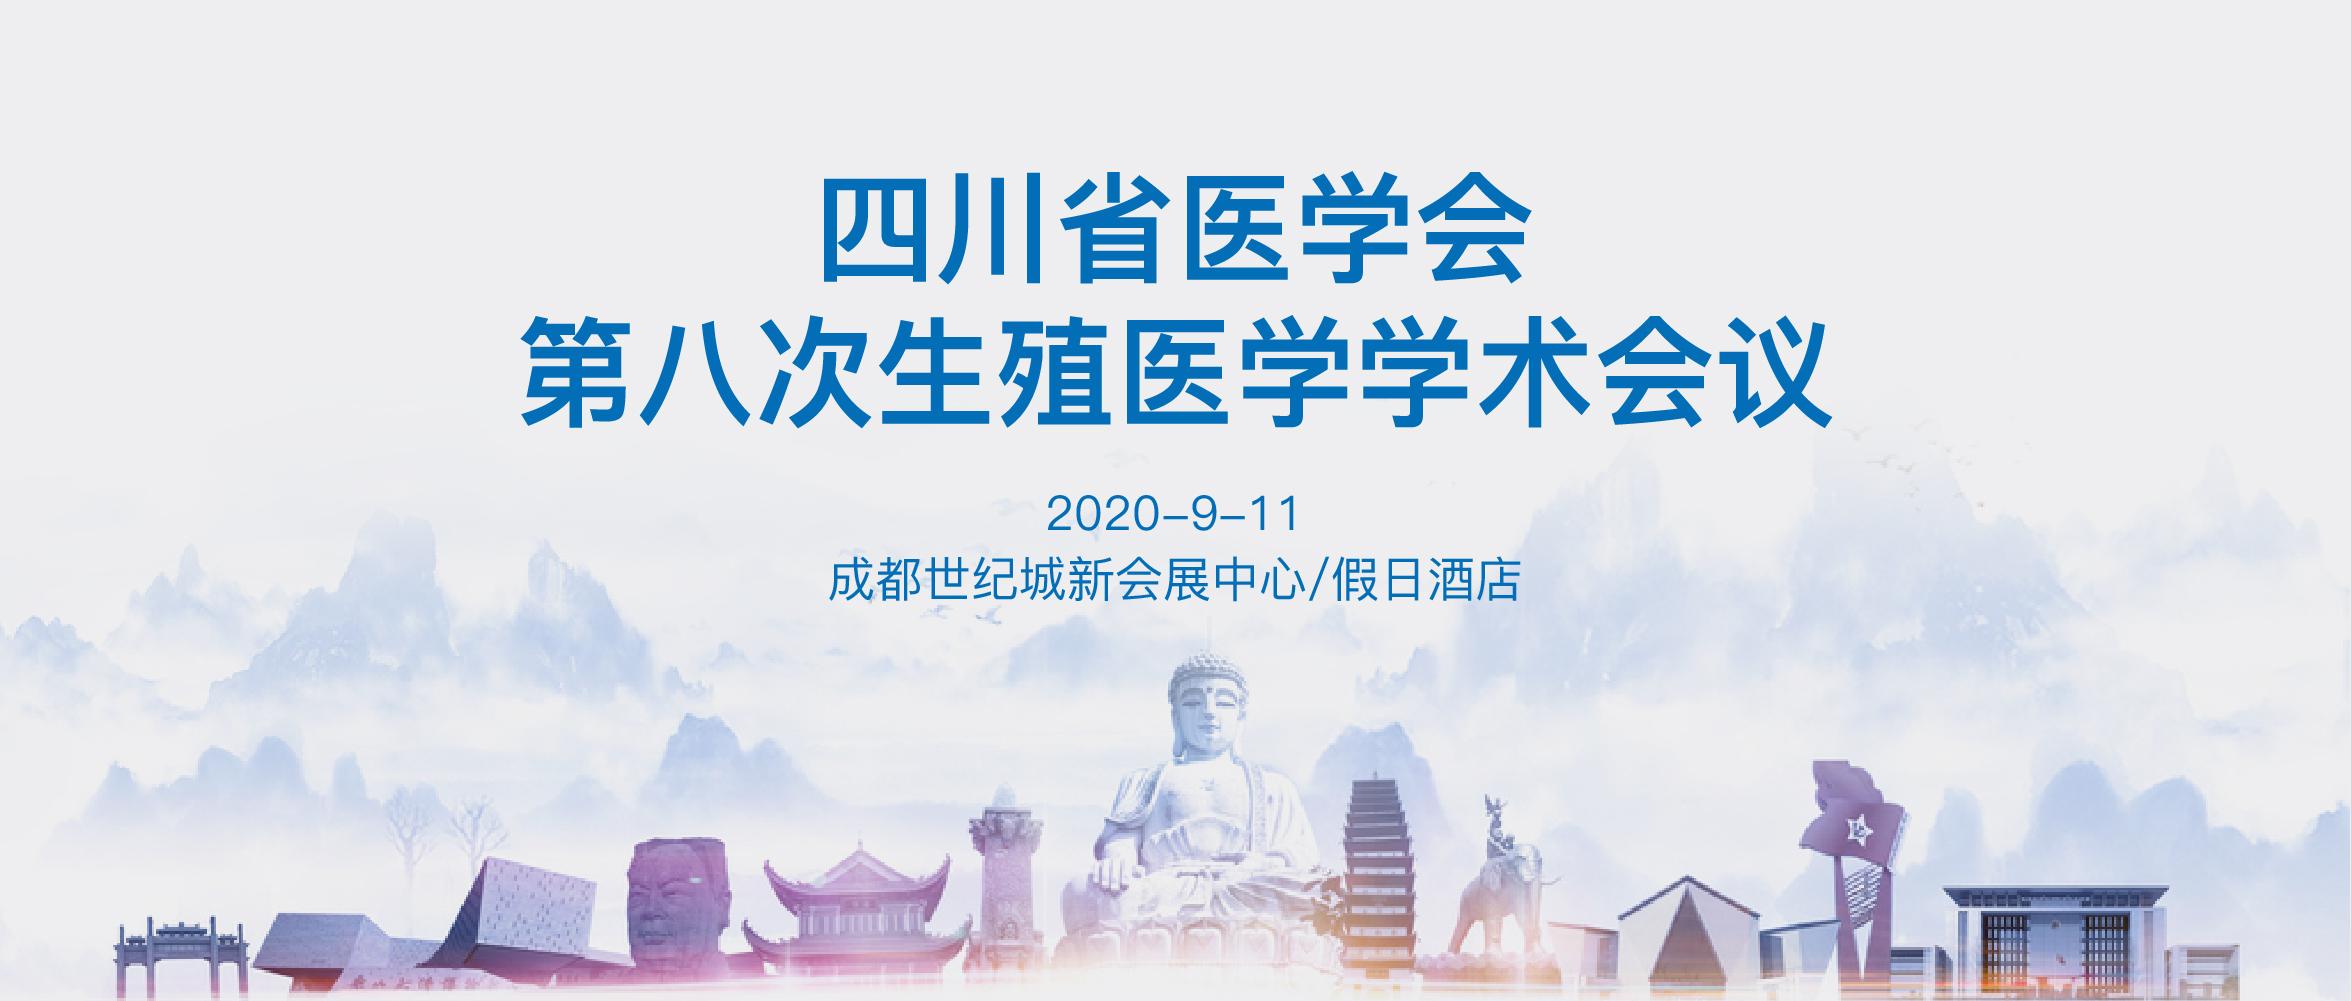 邀请函丨贝康医疗邀您参加四川省第八次生殖医学学术会议